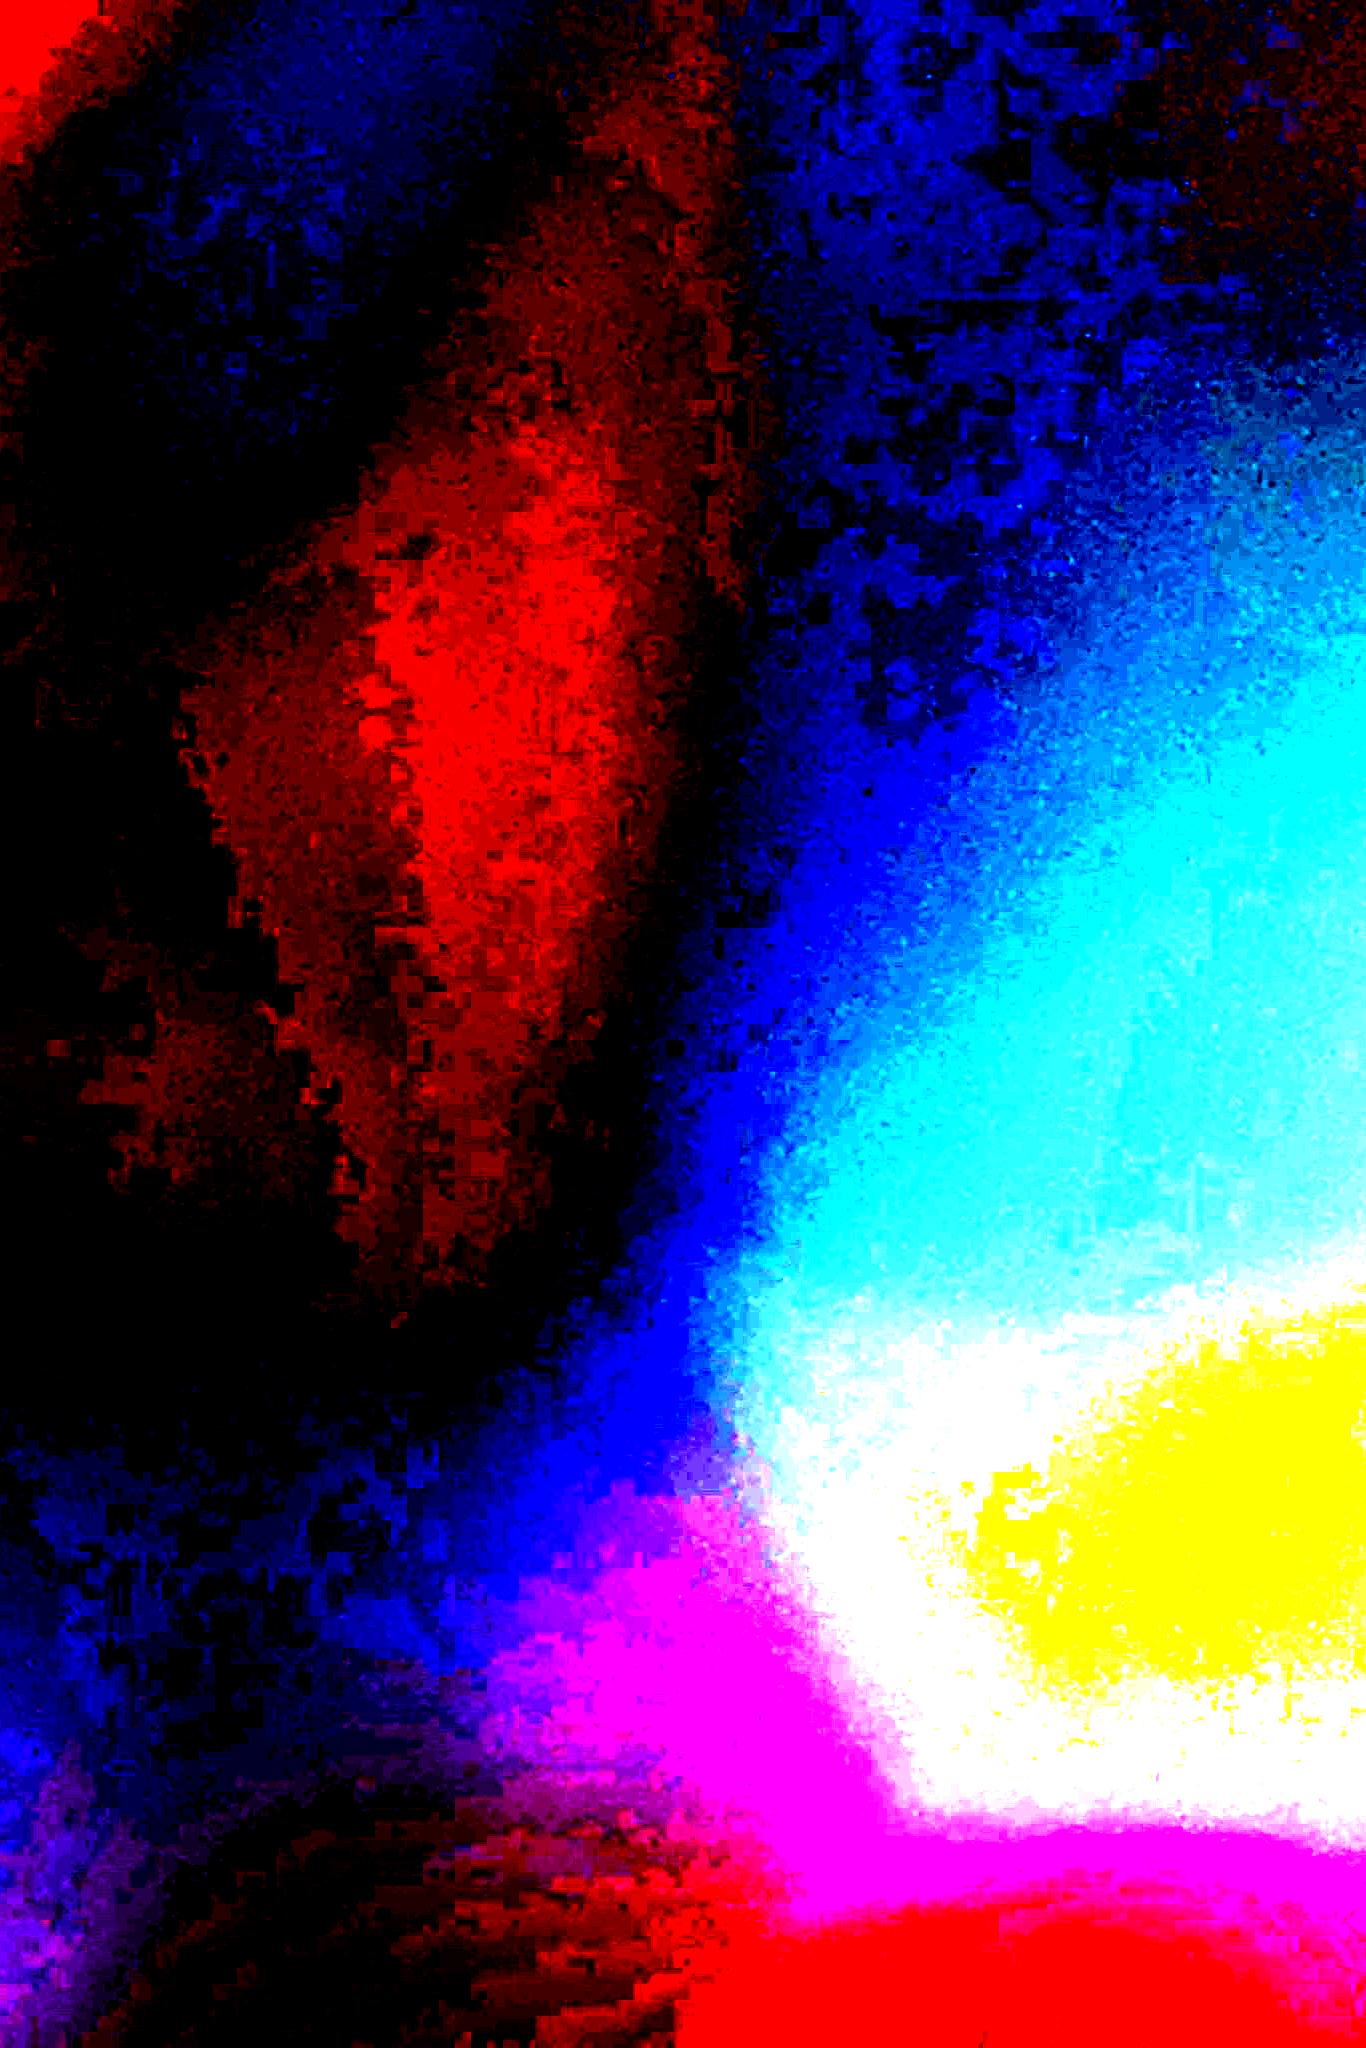 MartinHornshøj_Abstrakt.jpg